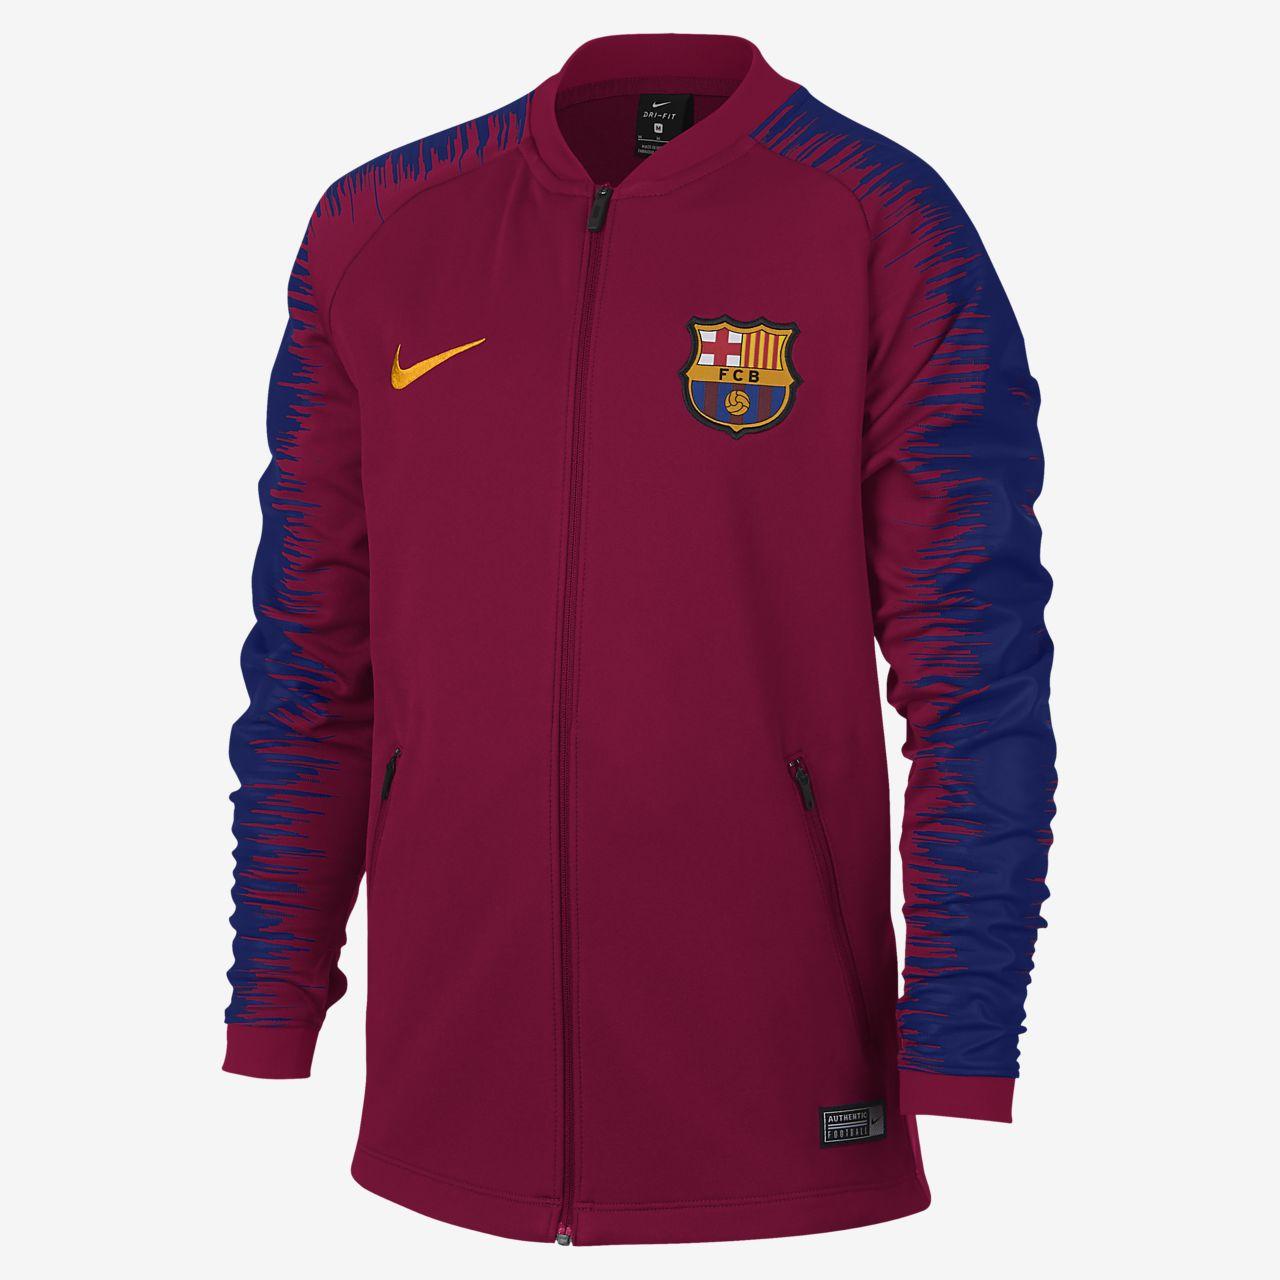 FC Barcelona Anthem Older Kids  Football Jacket. Nike.com IE 7966963c561